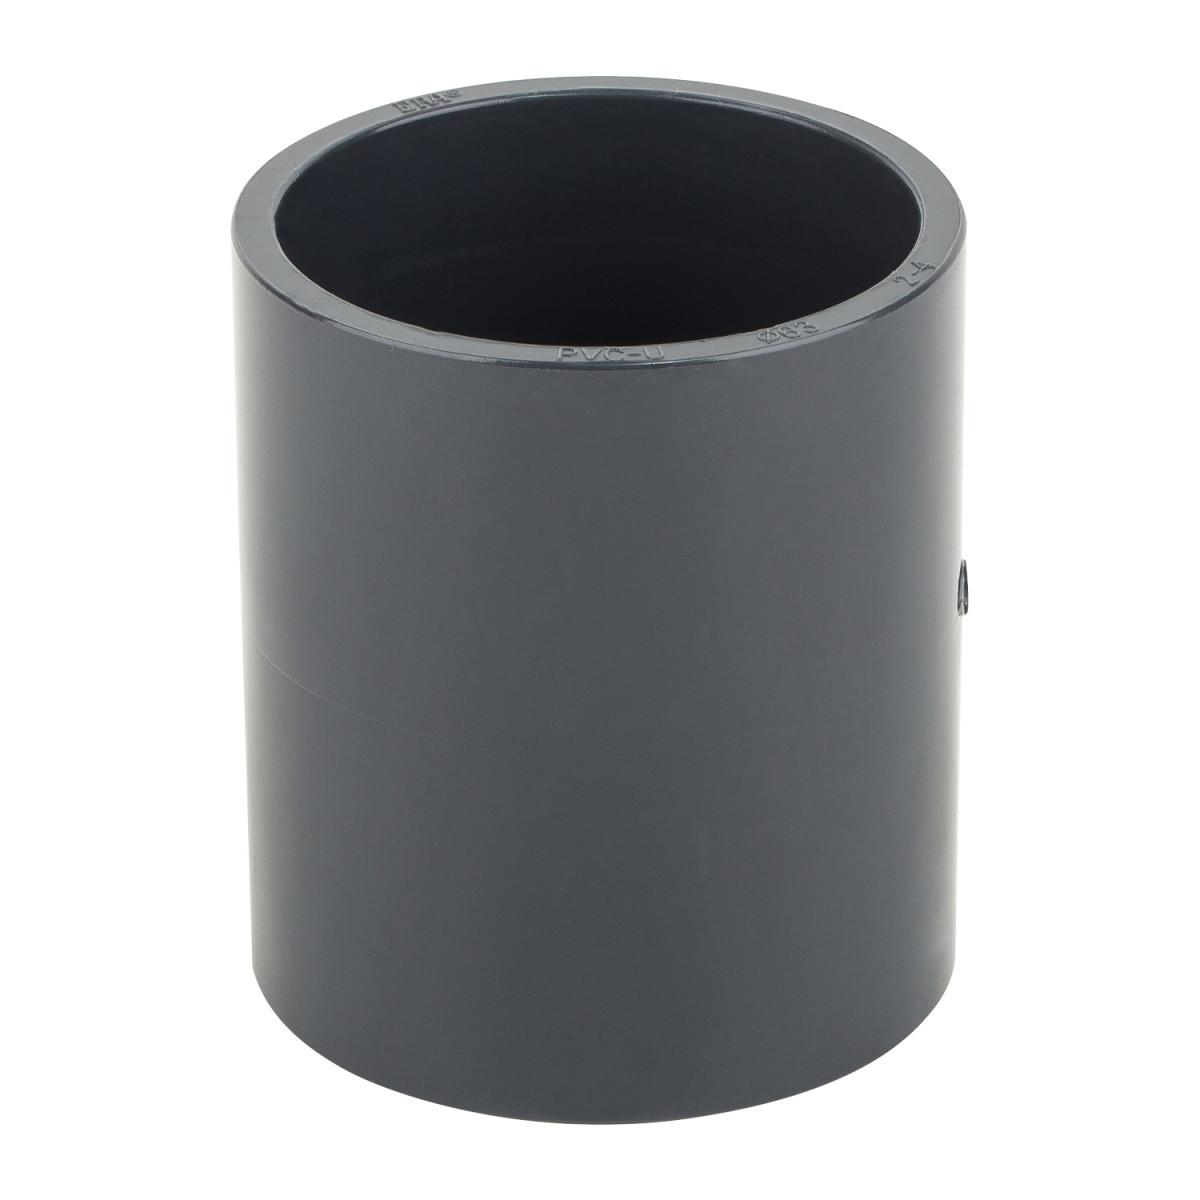 Муфта ПВХ ERA соеденительная диаметр 140 мм